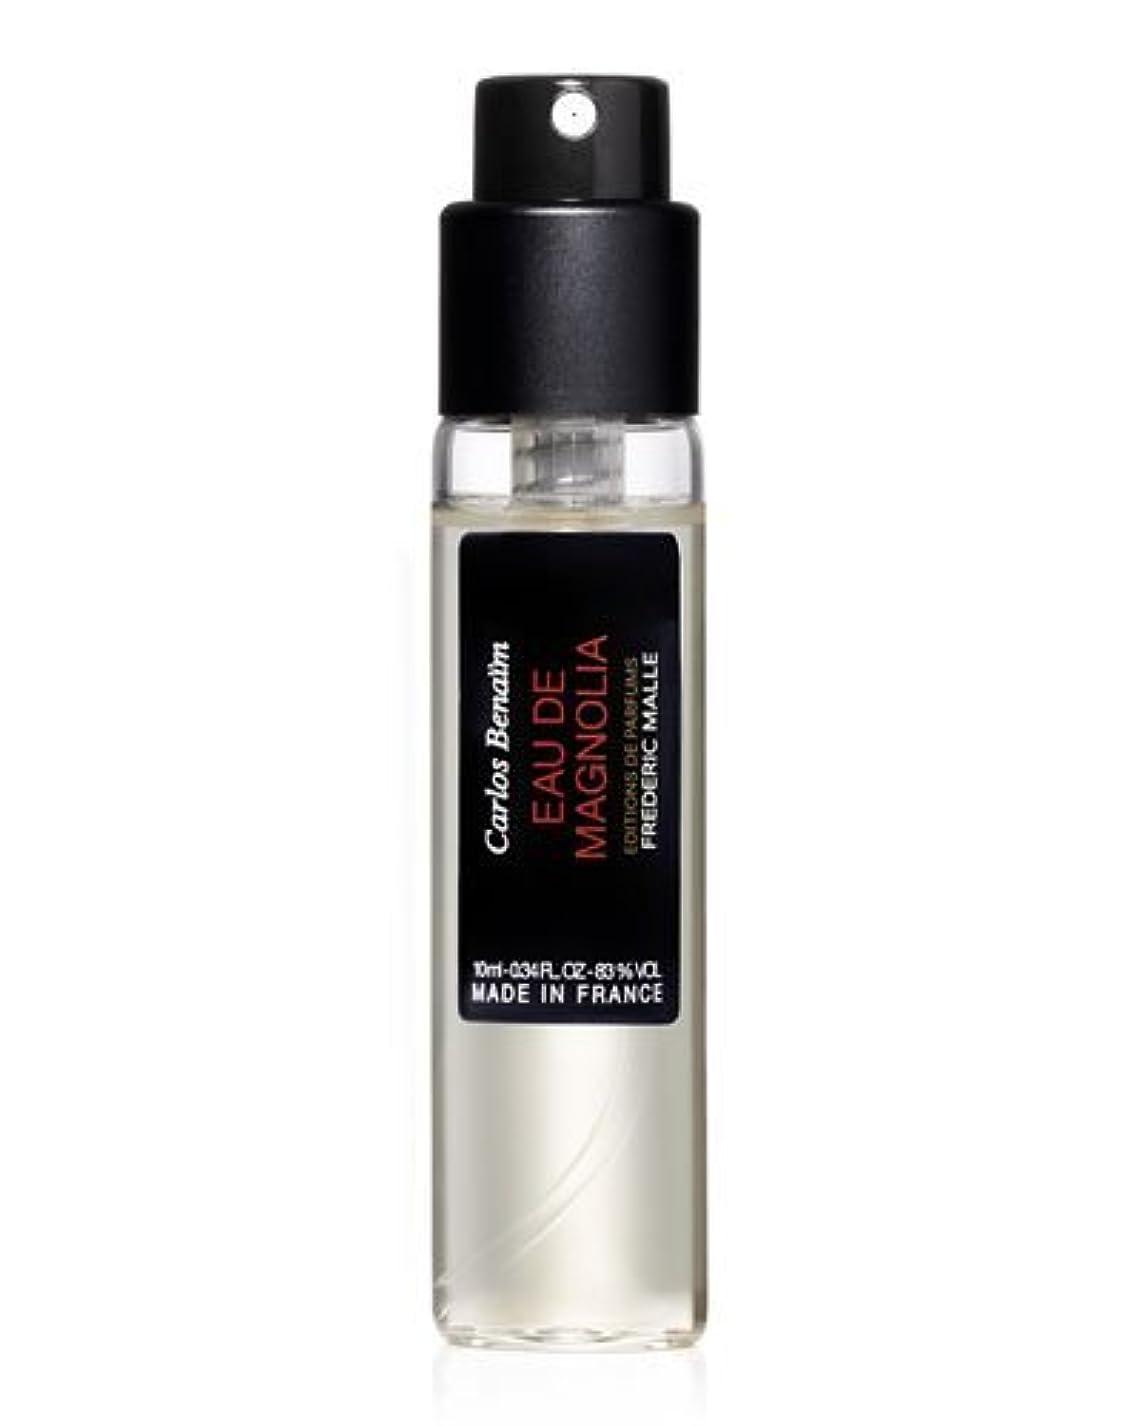 その他ラテンそれからFrederic Malle Eau de Magnolia (フレデリック マル オーデ マグノリア) 0.33 oz (10ml) EDP Spray Refill